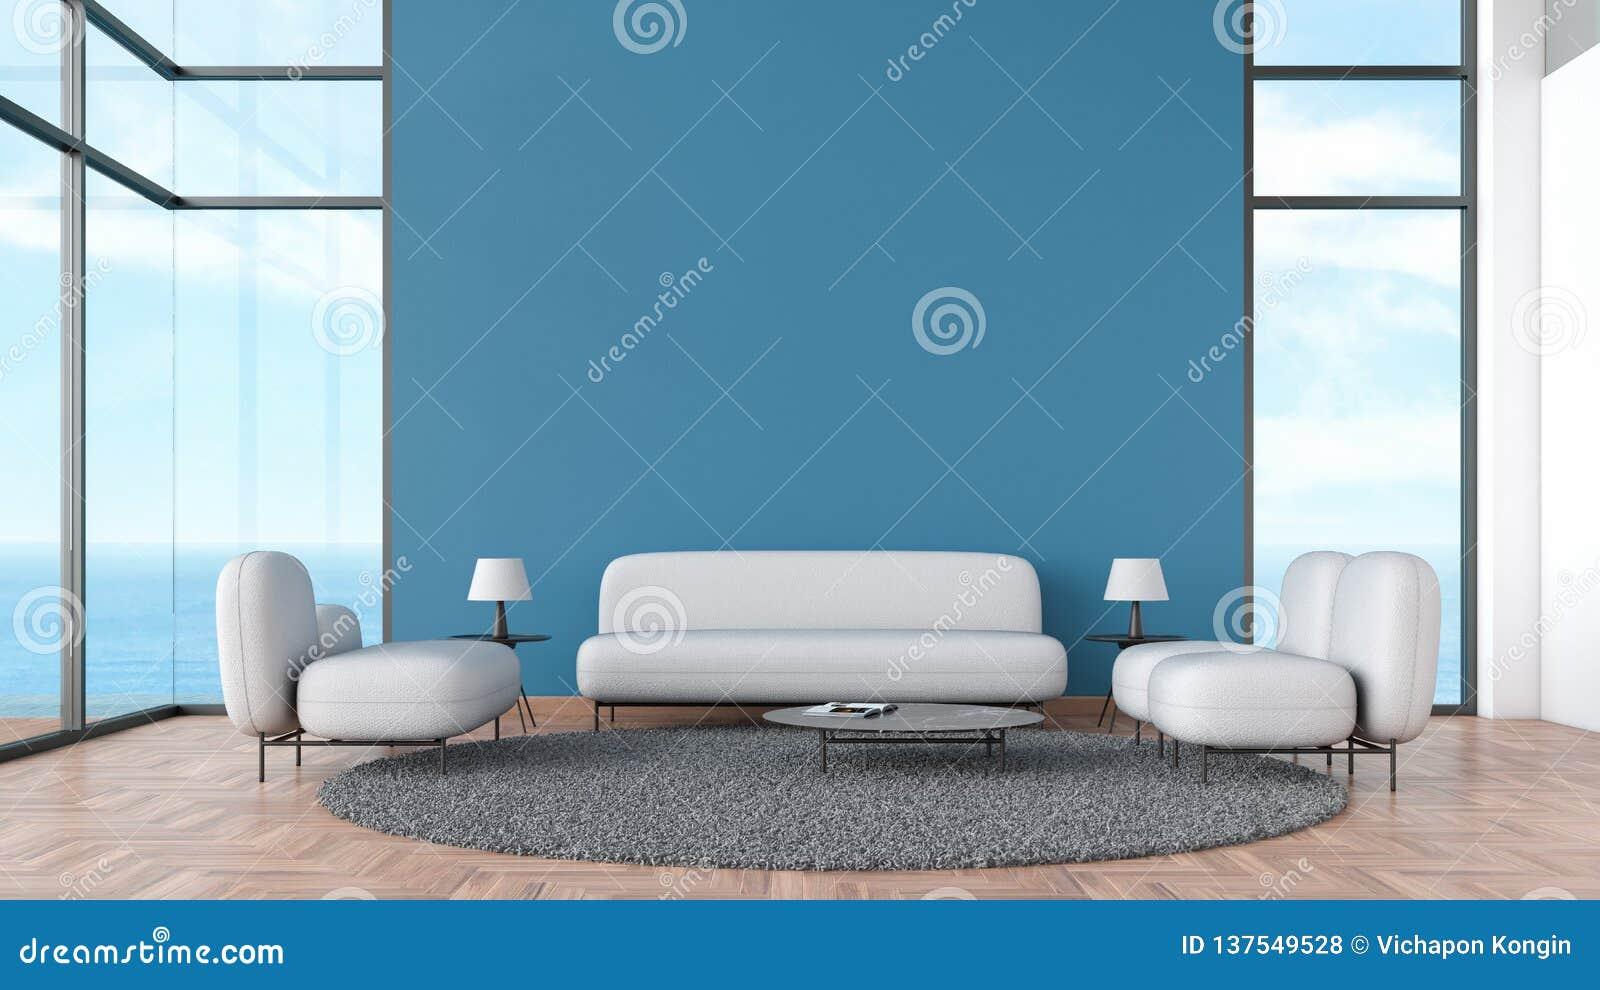 Σύγχρονο εσωτερικό ξύλινο πάτωμα καθιστικών με το γκρίζο θερινό πρότυπο άποψης θάλασσας παραθύρων καναπέδων και καρεκλών για την